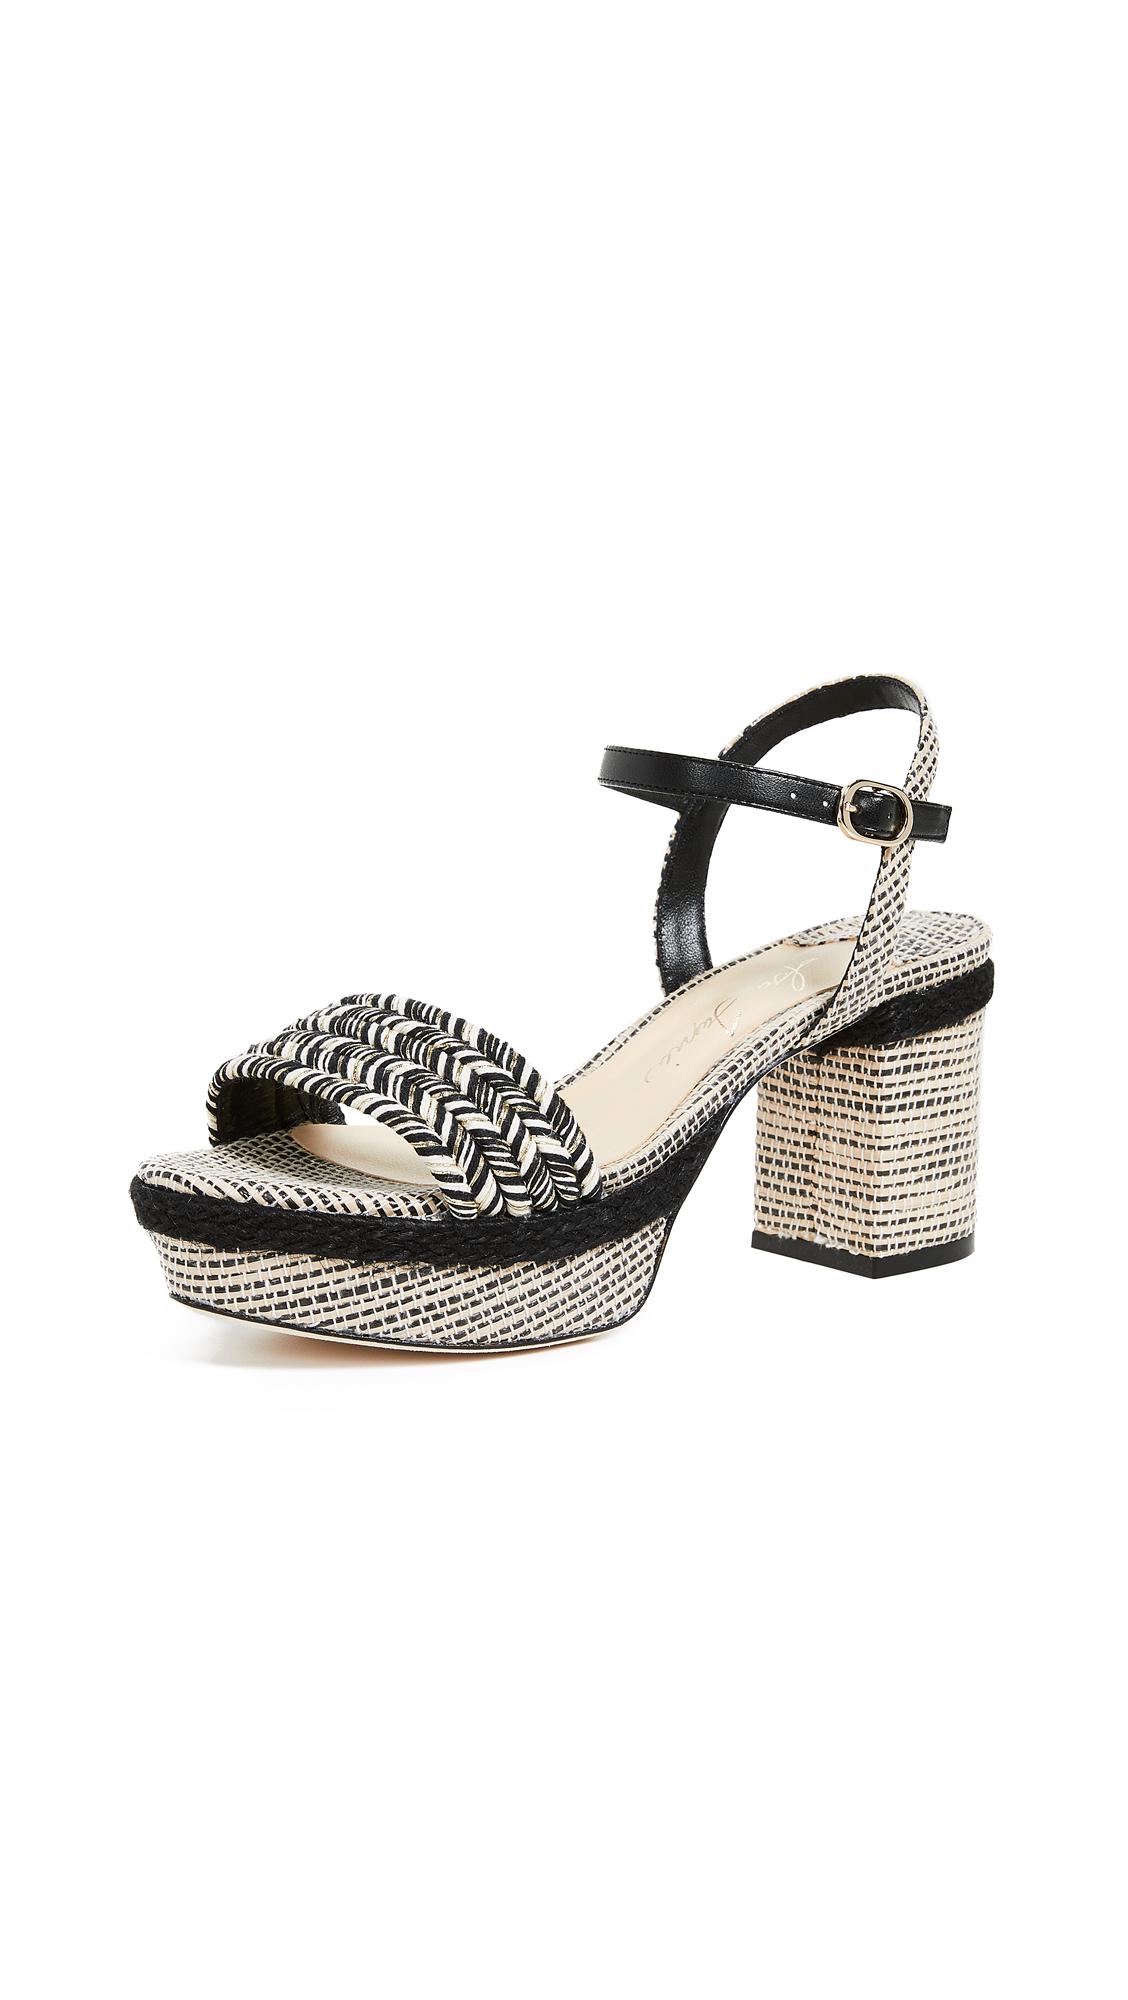 Isa Tapia Prado Platform Sandals - Black Multi